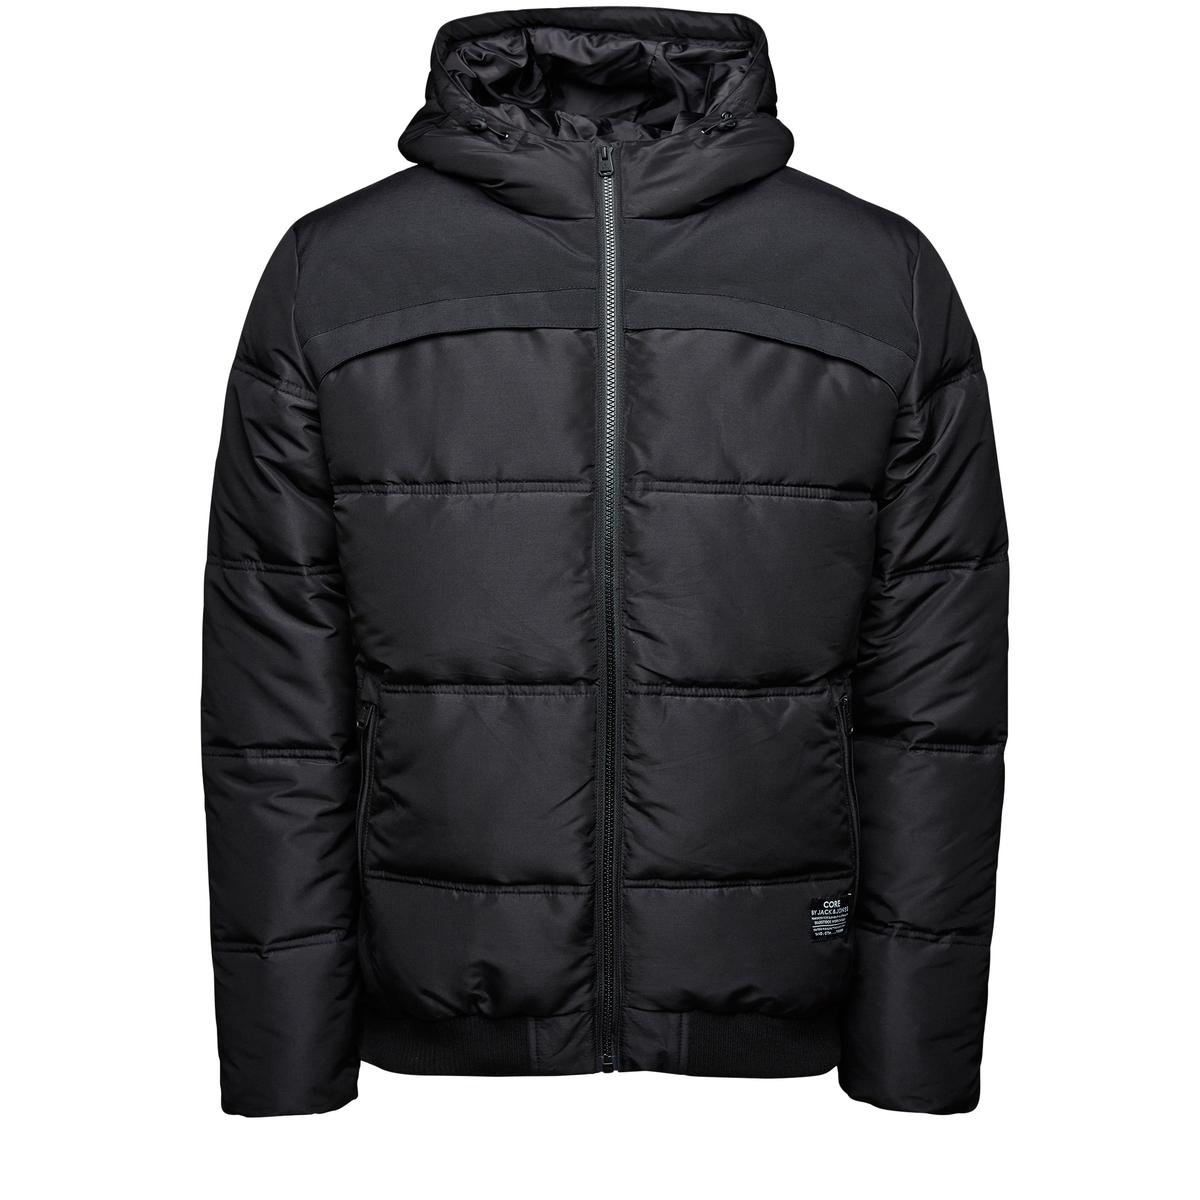 Куртка стеганая с капюшономСостав и описание :Материал : 100% полиэстерМарка : JACK &amp; JONES<br><br>Цвет: черный<br>Размер: L